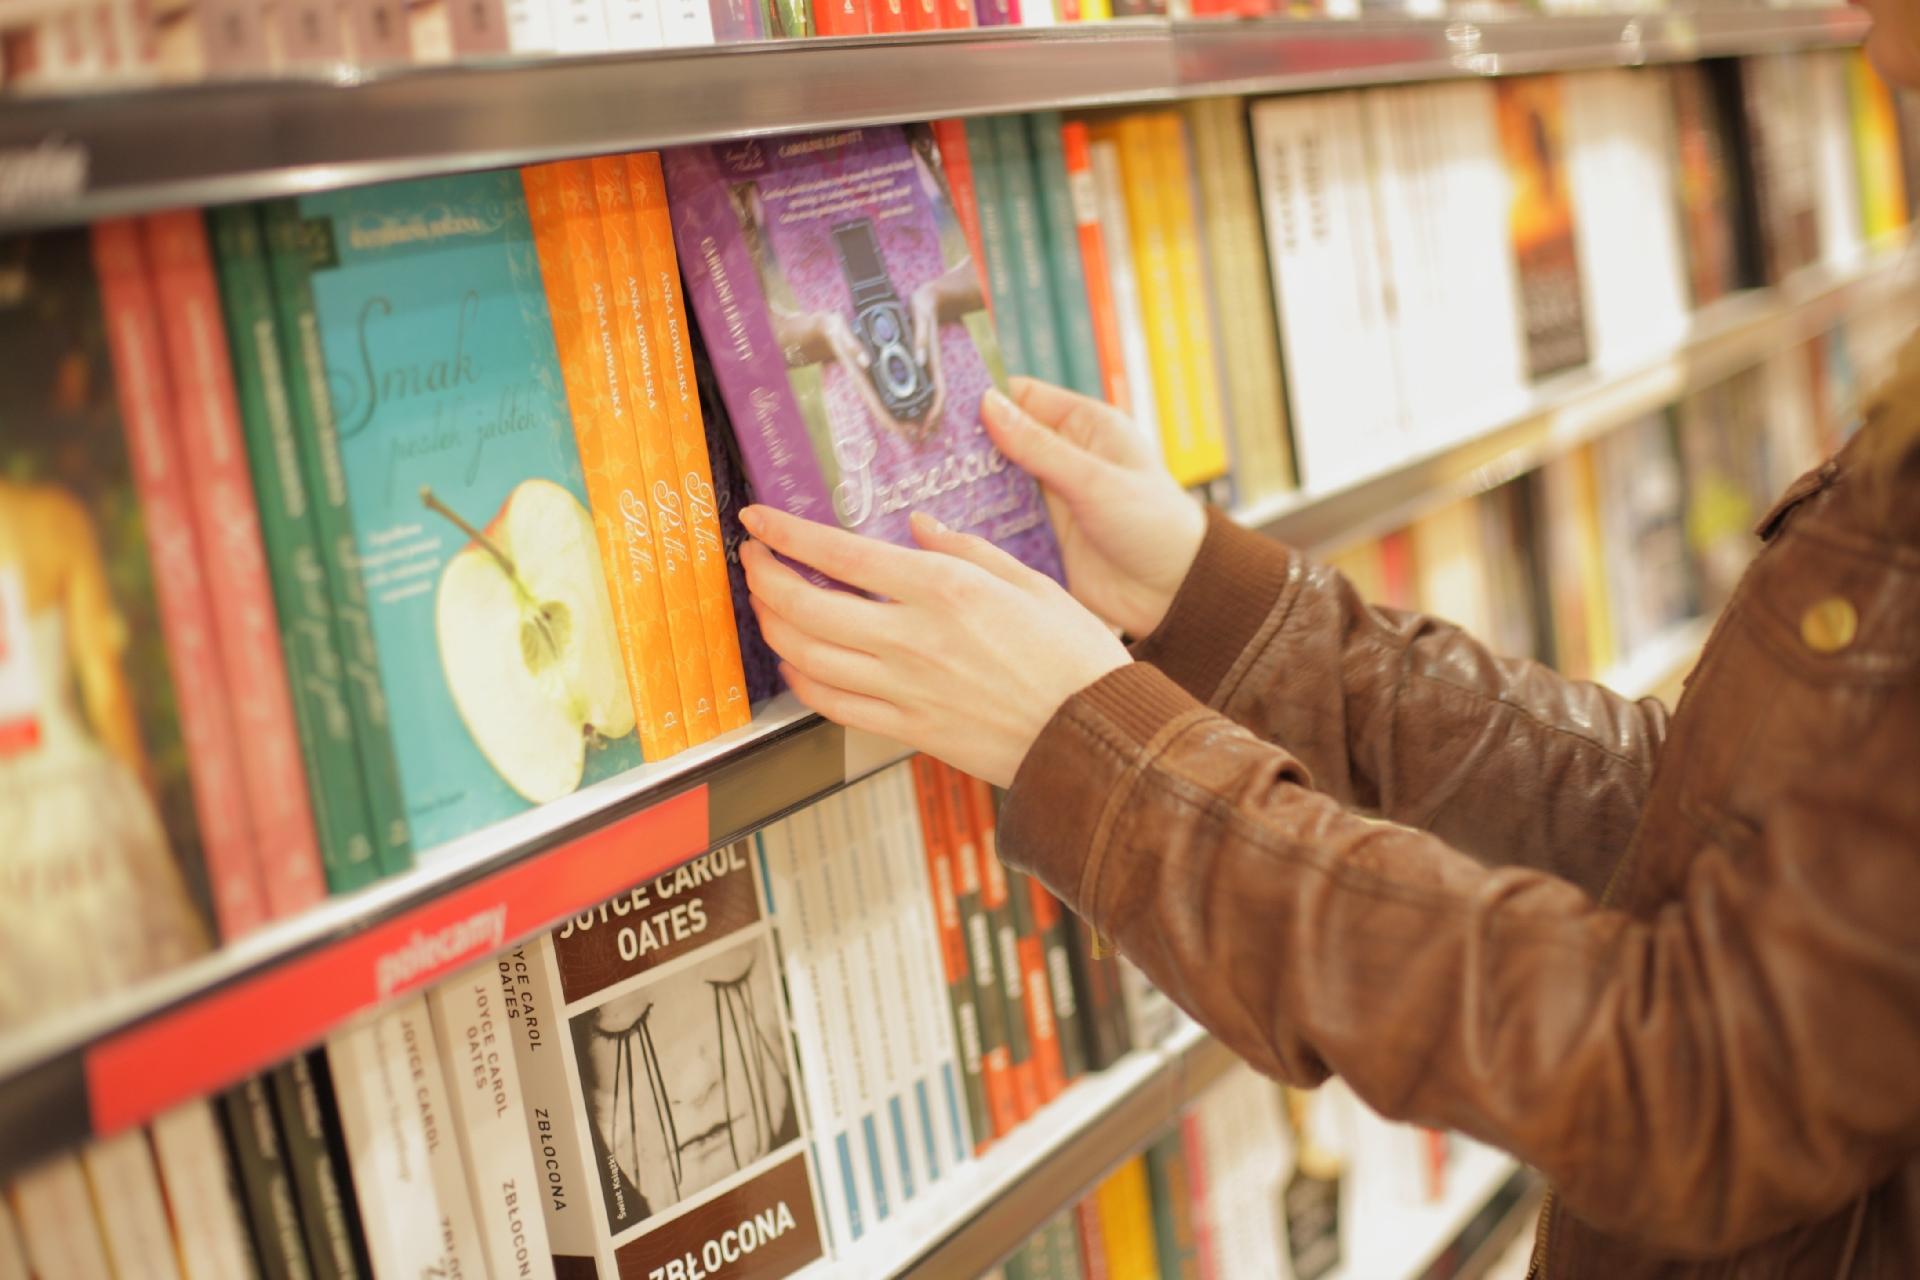 10代は「リアル書店好き」なのか ネットで疑問「クレカ作れないだけでは?」